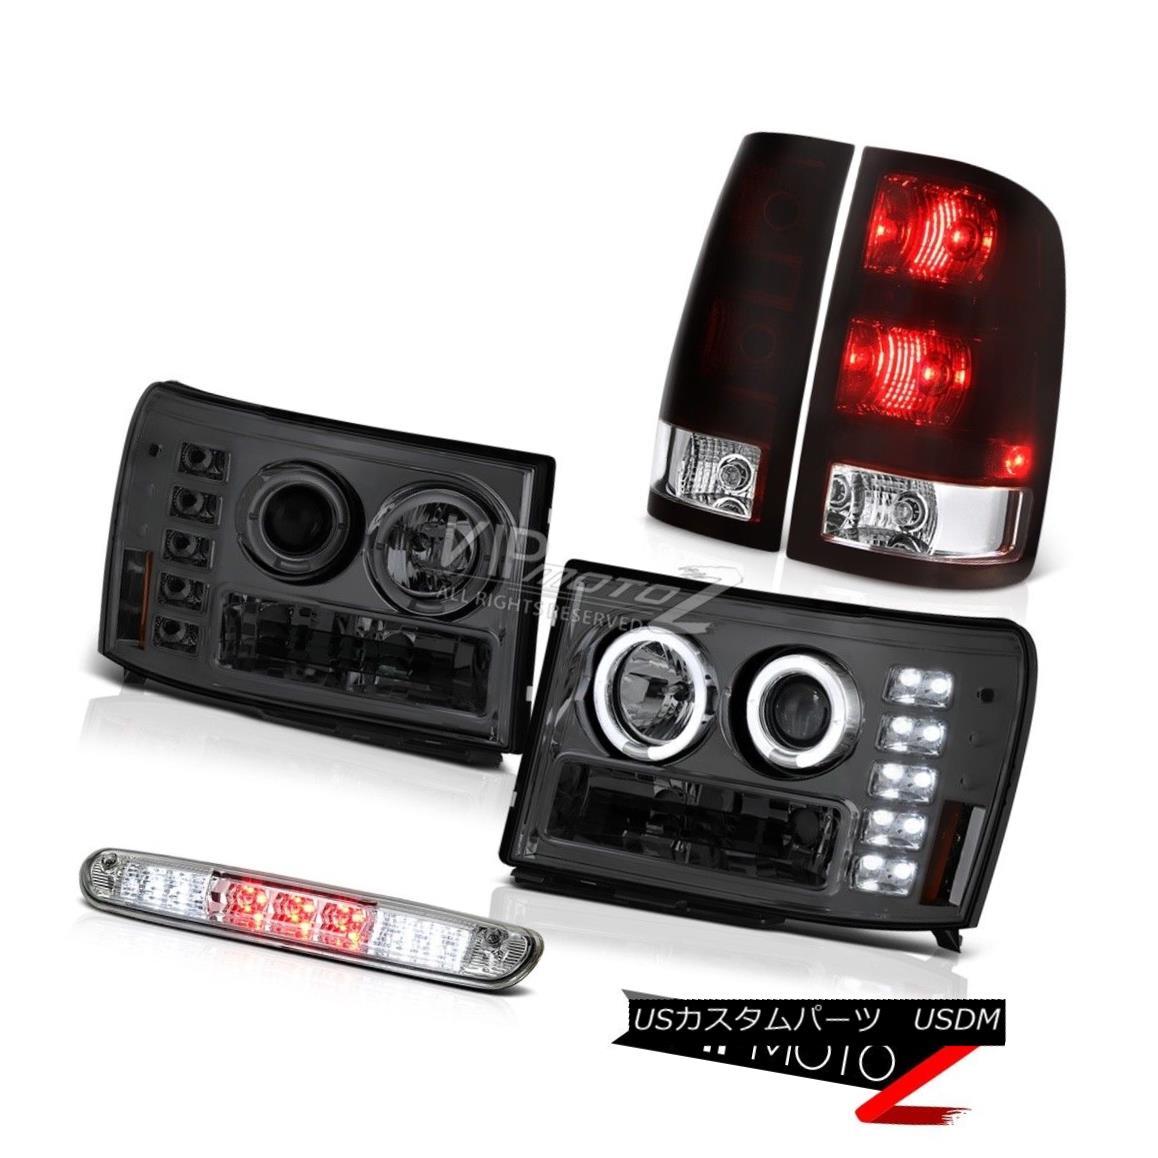 ヘッドライト 07-13 GMC Sierra 1500 SL Taillamps Headlights High Stop Light Halo Ring Halo Rim 07-13 GMC Sierra 1500 SLタイルランプヘッドライトハイストップライトHalo Ring Halo Rim